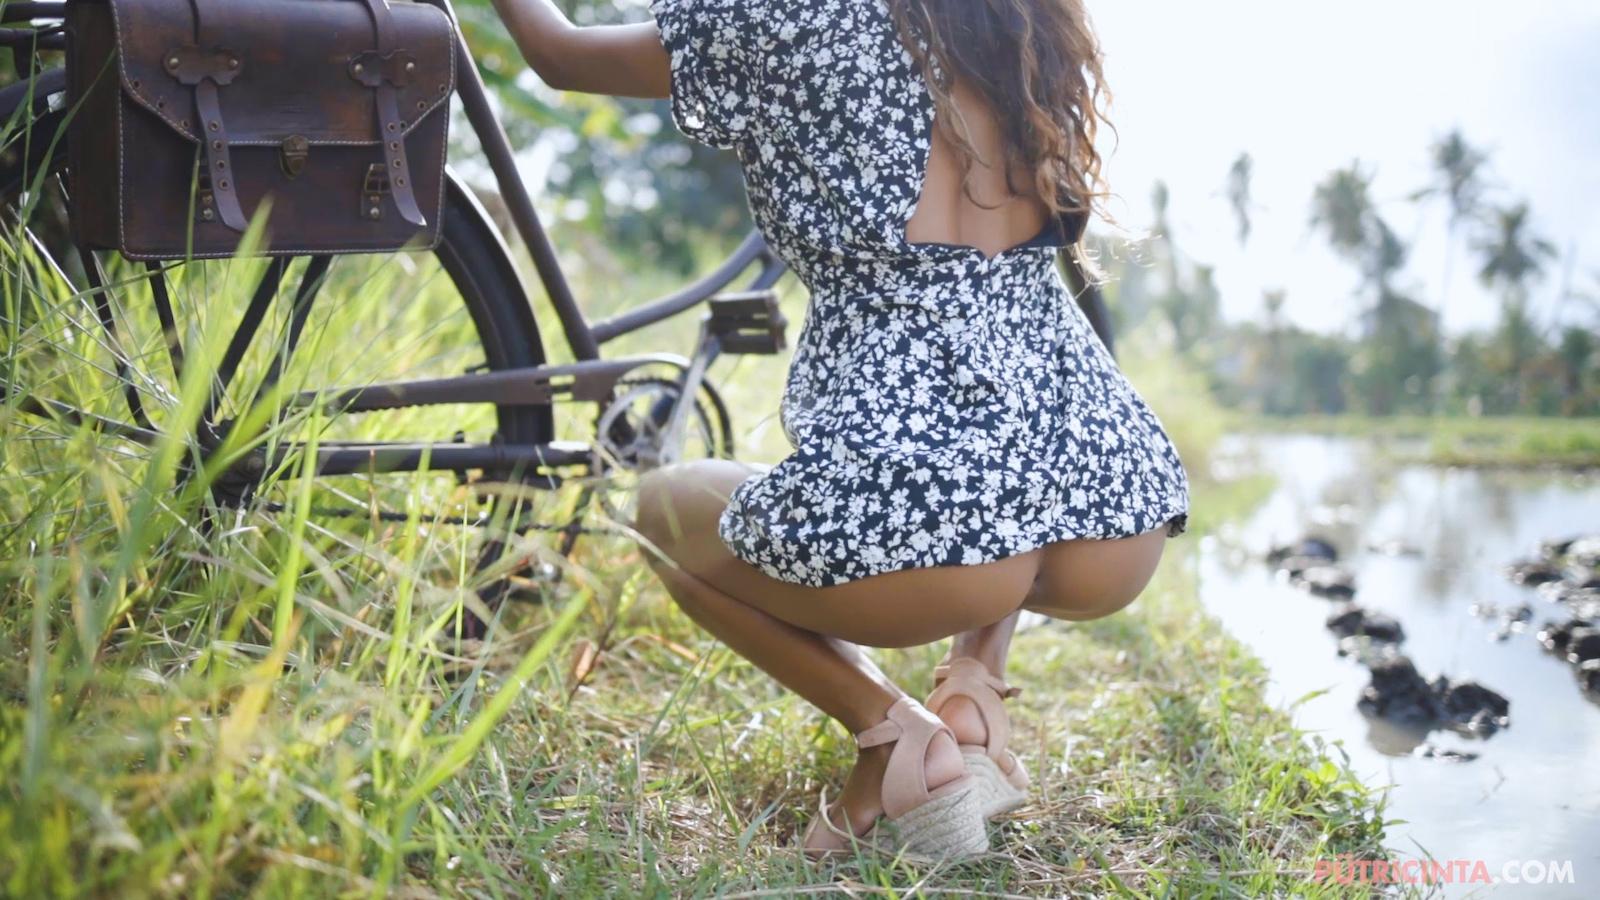 024-cyclingcommando-Putri-Cinta-Mainvid-stills-31.jpg